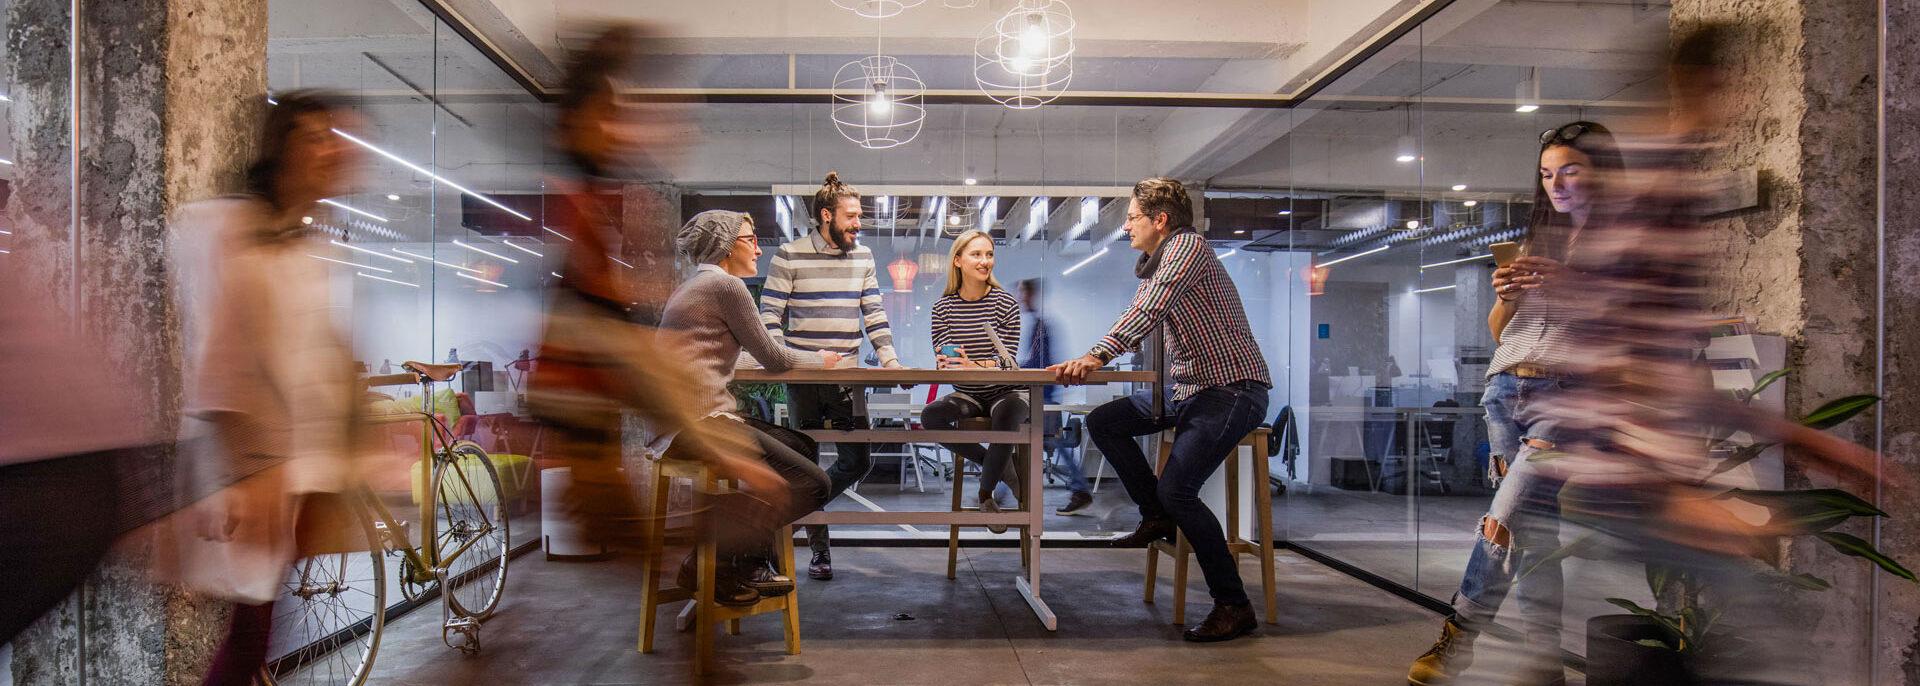 Emploi et job - Emploi Connexion